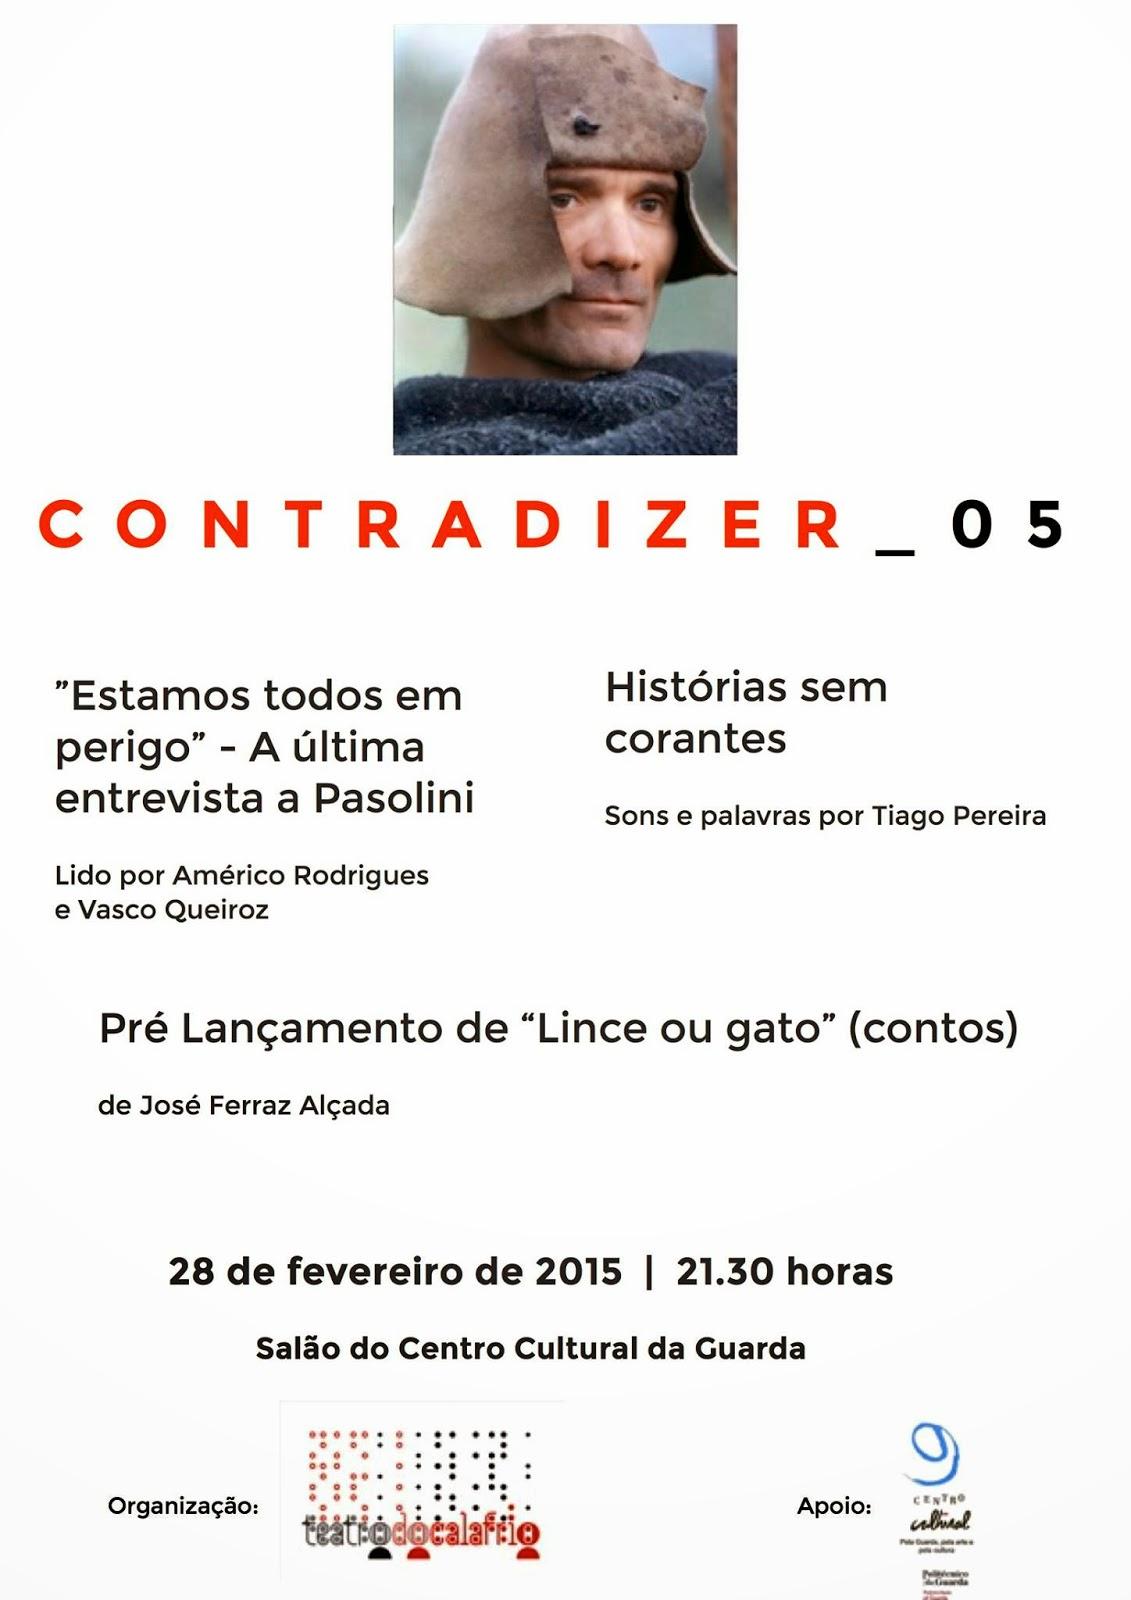 Estamos todos em perigo A última entrevista a Pier Paolo Pasolini ContraDizer 05